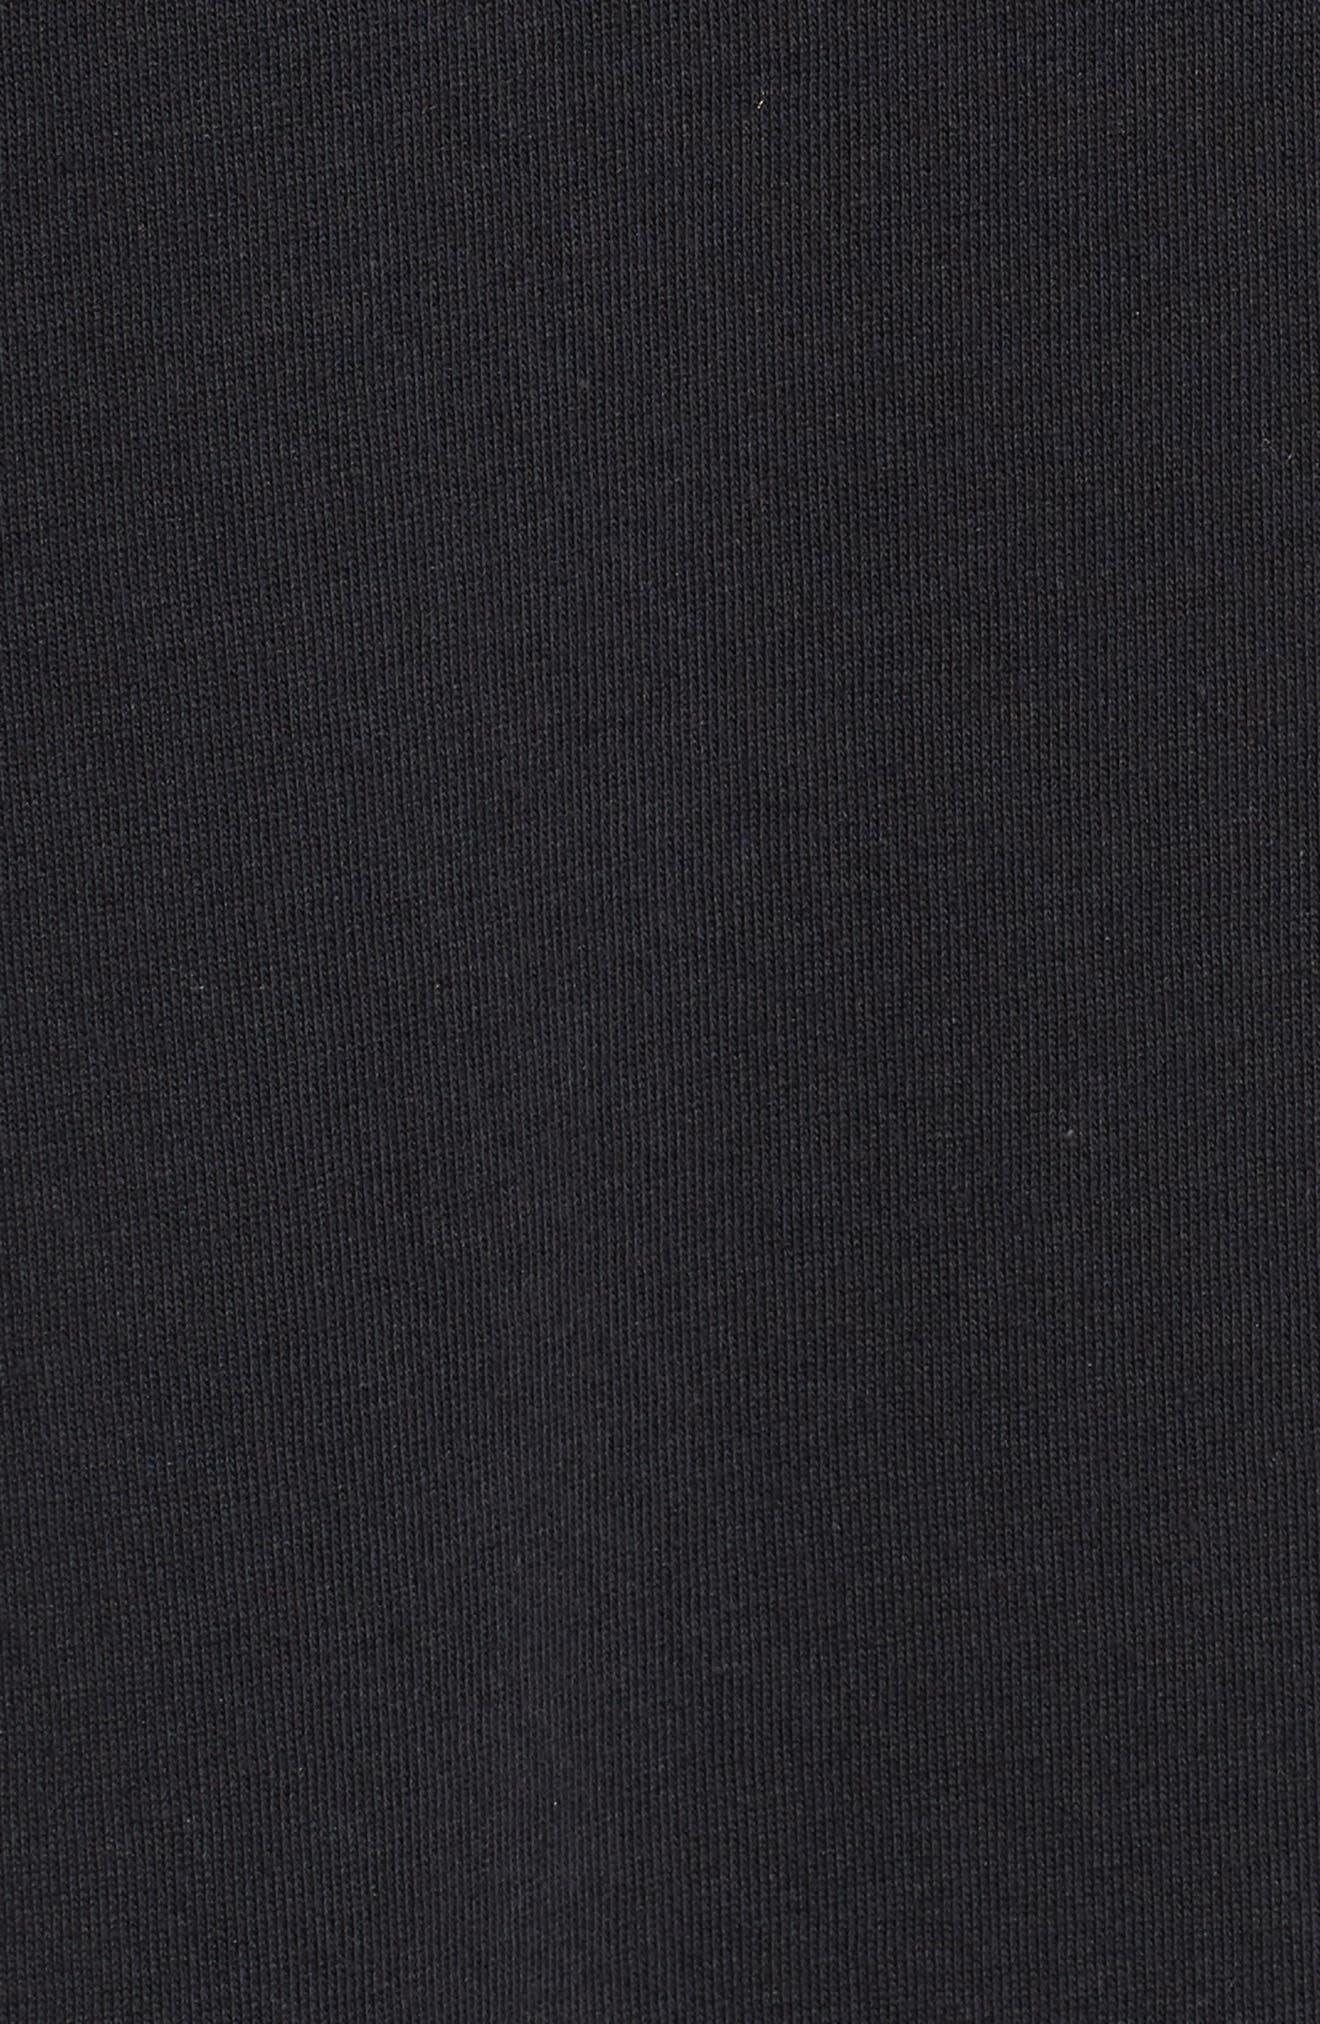 NIKE SB, Nike 'SB Logo' T-Shirt, Alternate thumbnail 5, color, 019